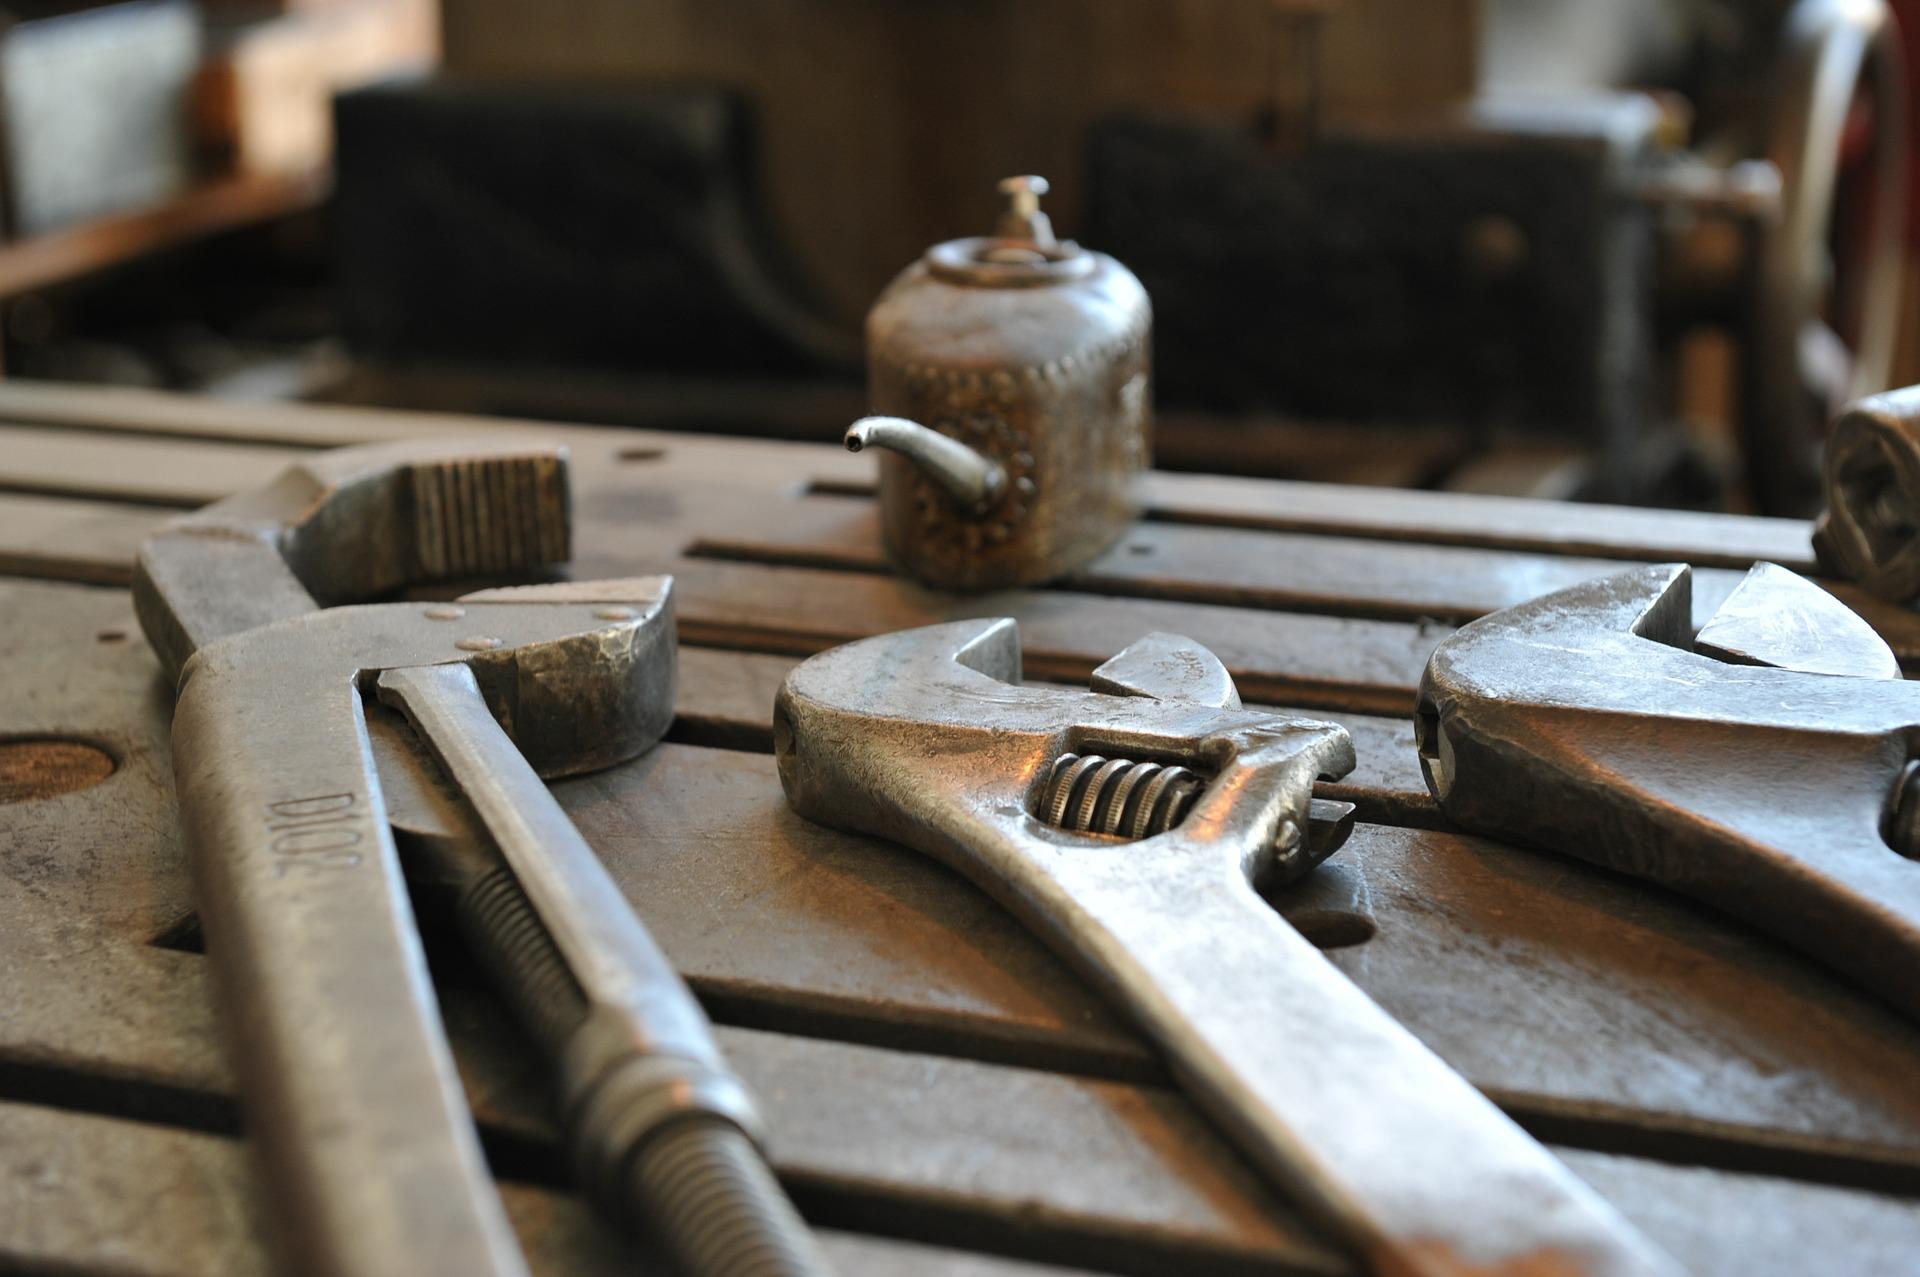 Narzędzia do organizacji pracy początkującego start-upowca